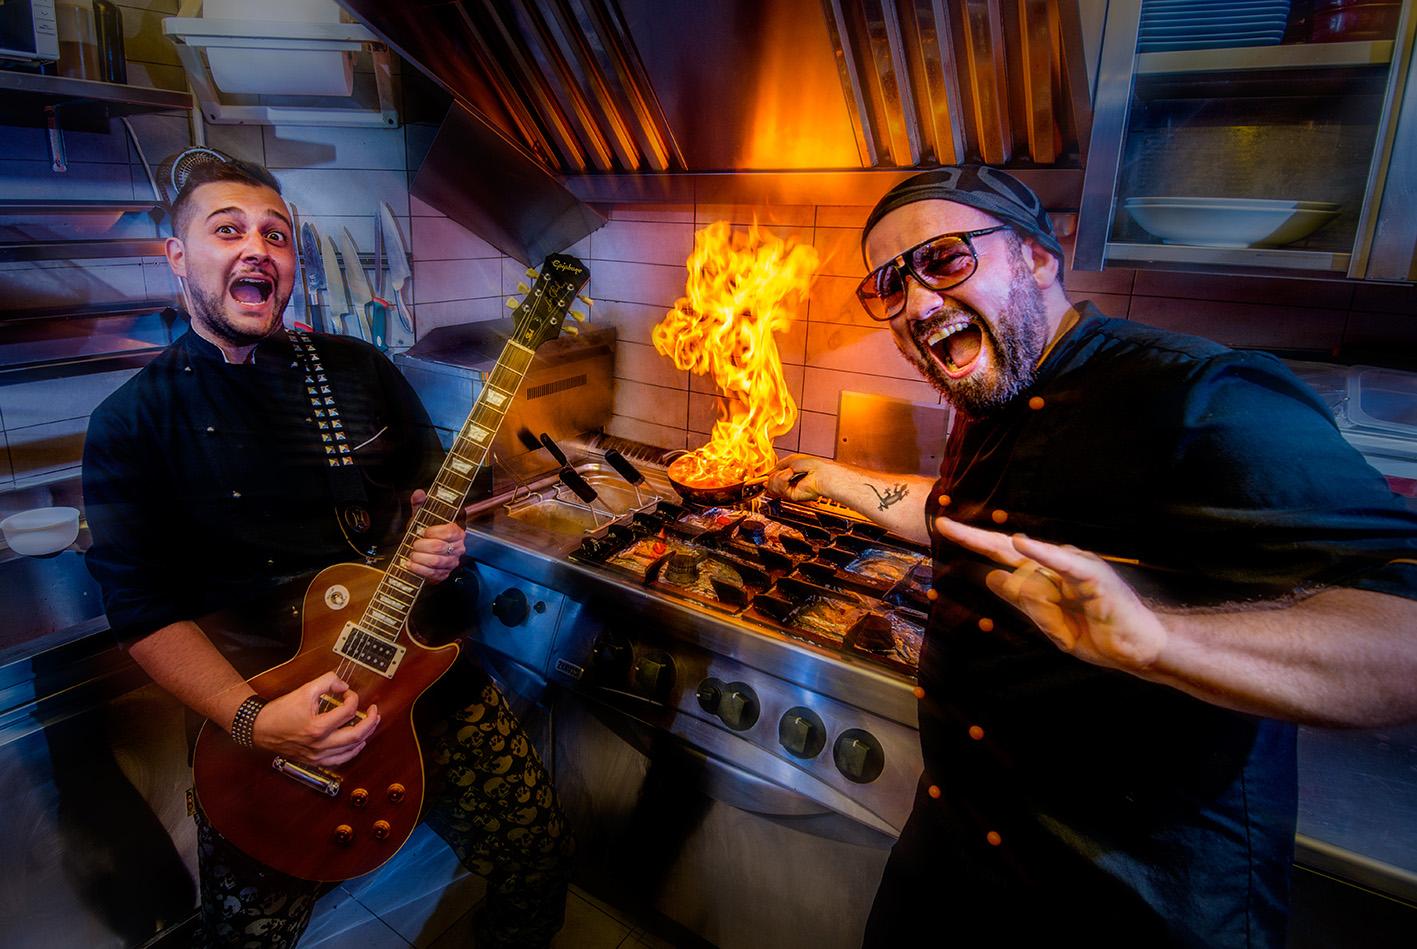 Chef in Rock (Bistrò Bembo Belluno) - 2 amici, 2 colleghi e 2 passioni in comune: LA CUCINA E IL ROCK.